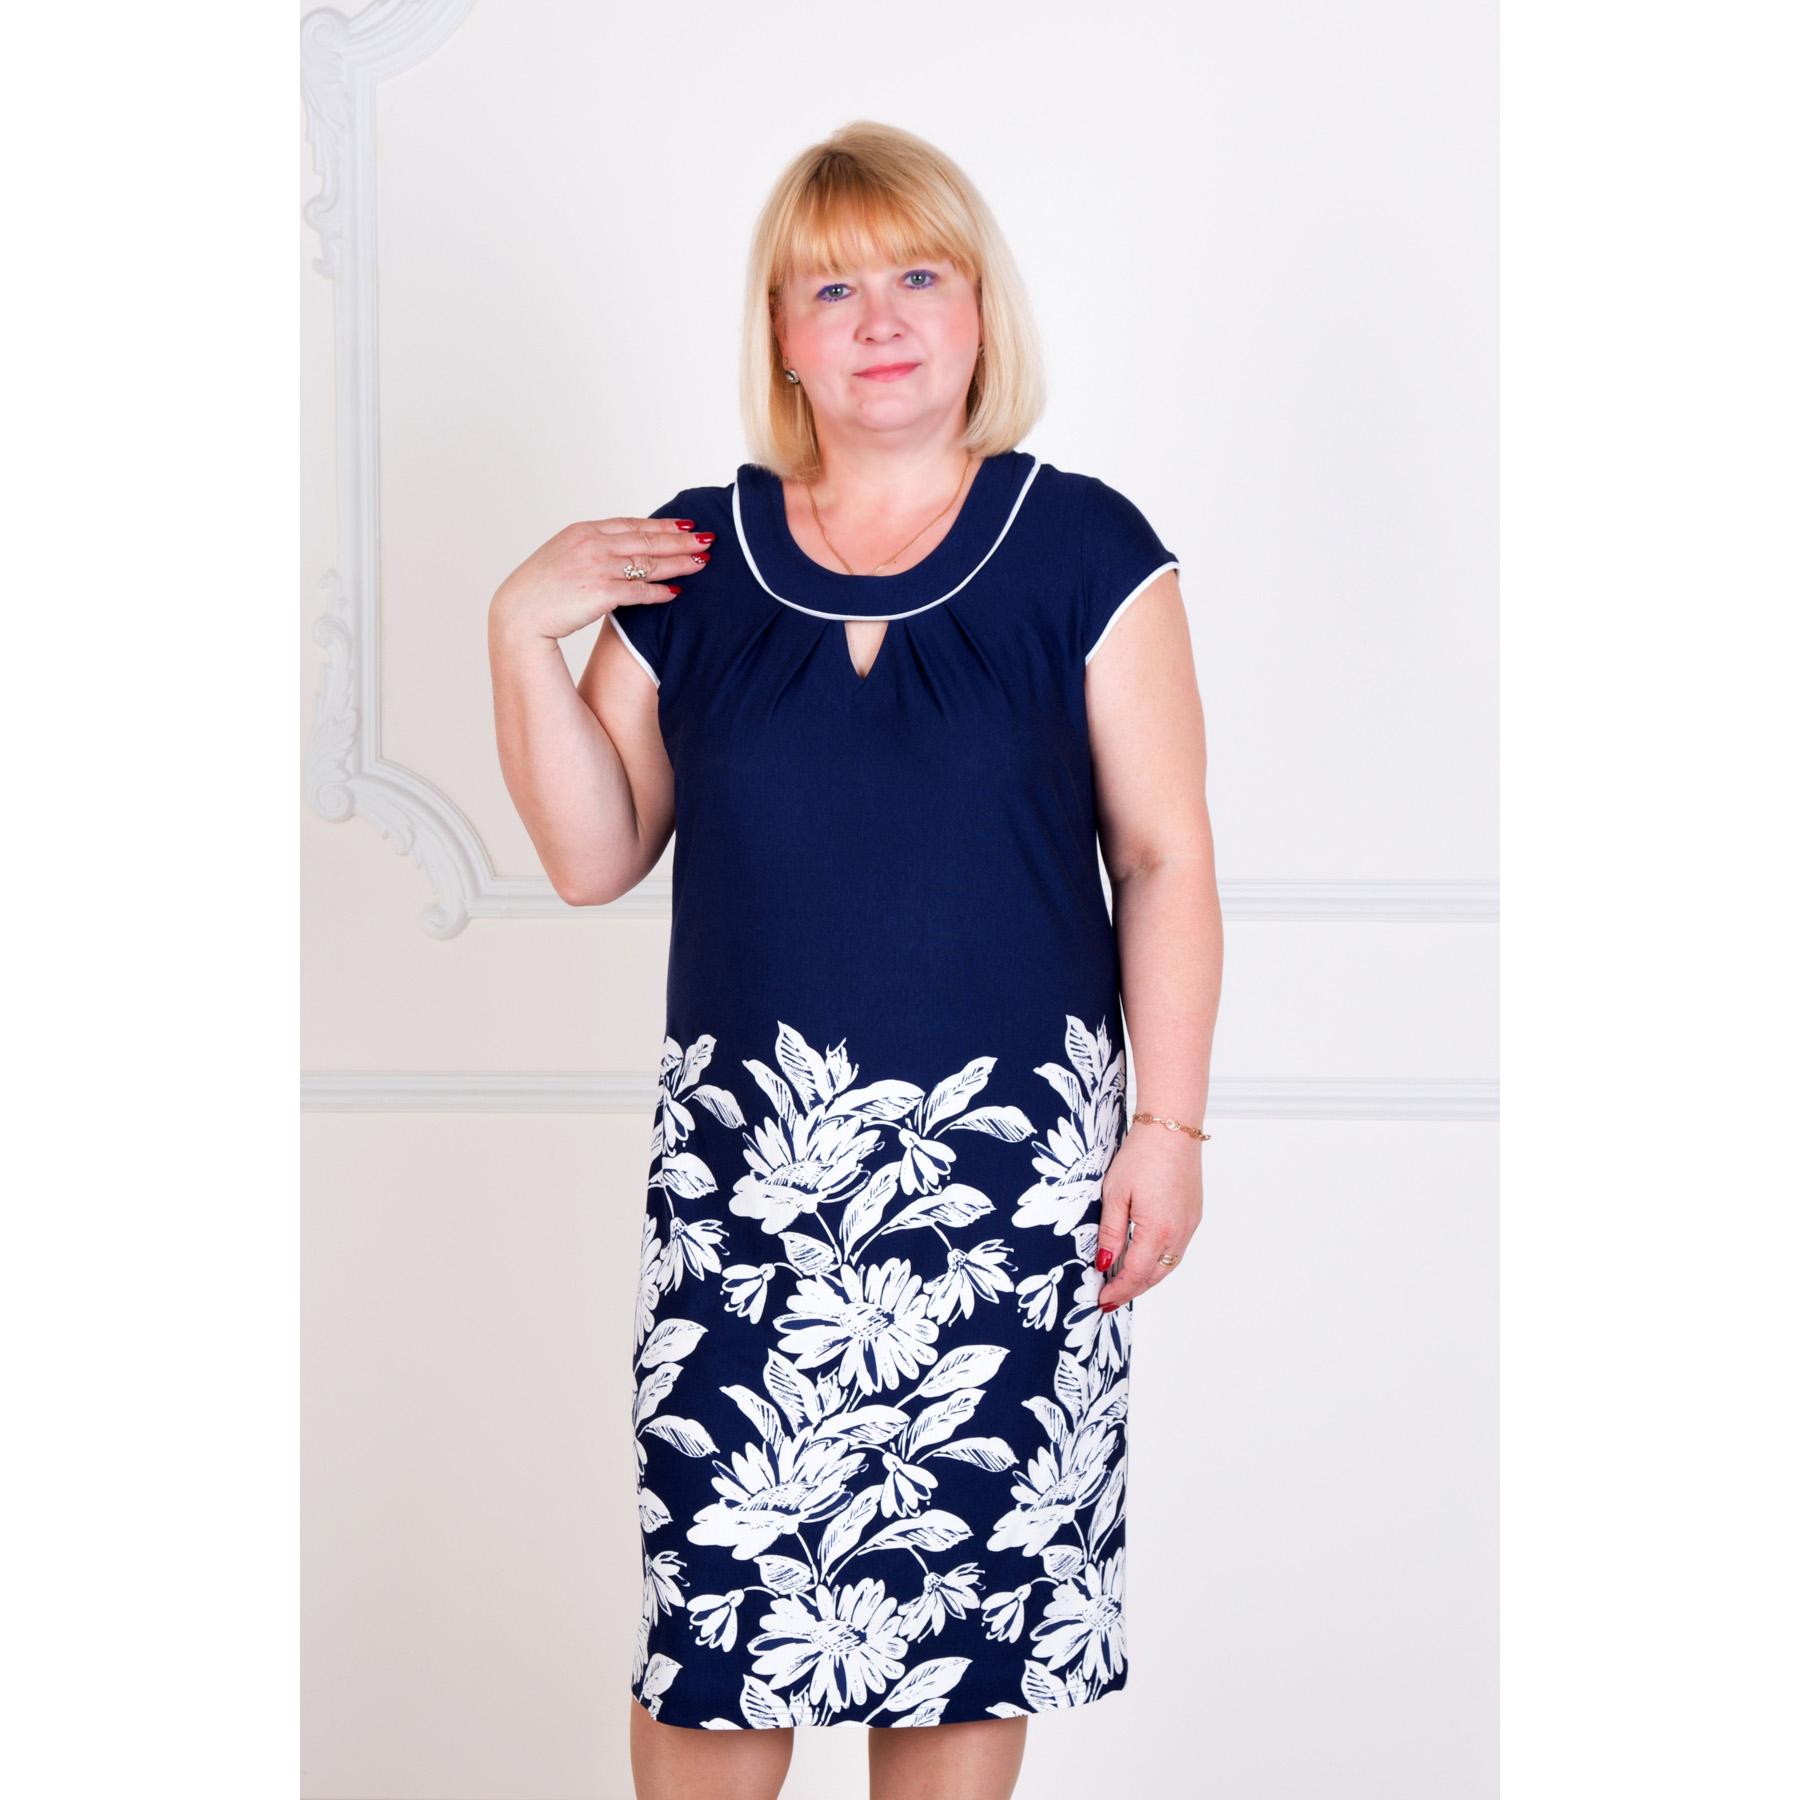 Женское платье Жасмин, размер 50Платья<br>Обхват груди:100 см<br>Обхват талии:82 см<br>Обхват бедер:108 см<br>Рост:167 см<br><br>Тип: Жен. платье<br>Размер: 50<br>Материал: Вискоза